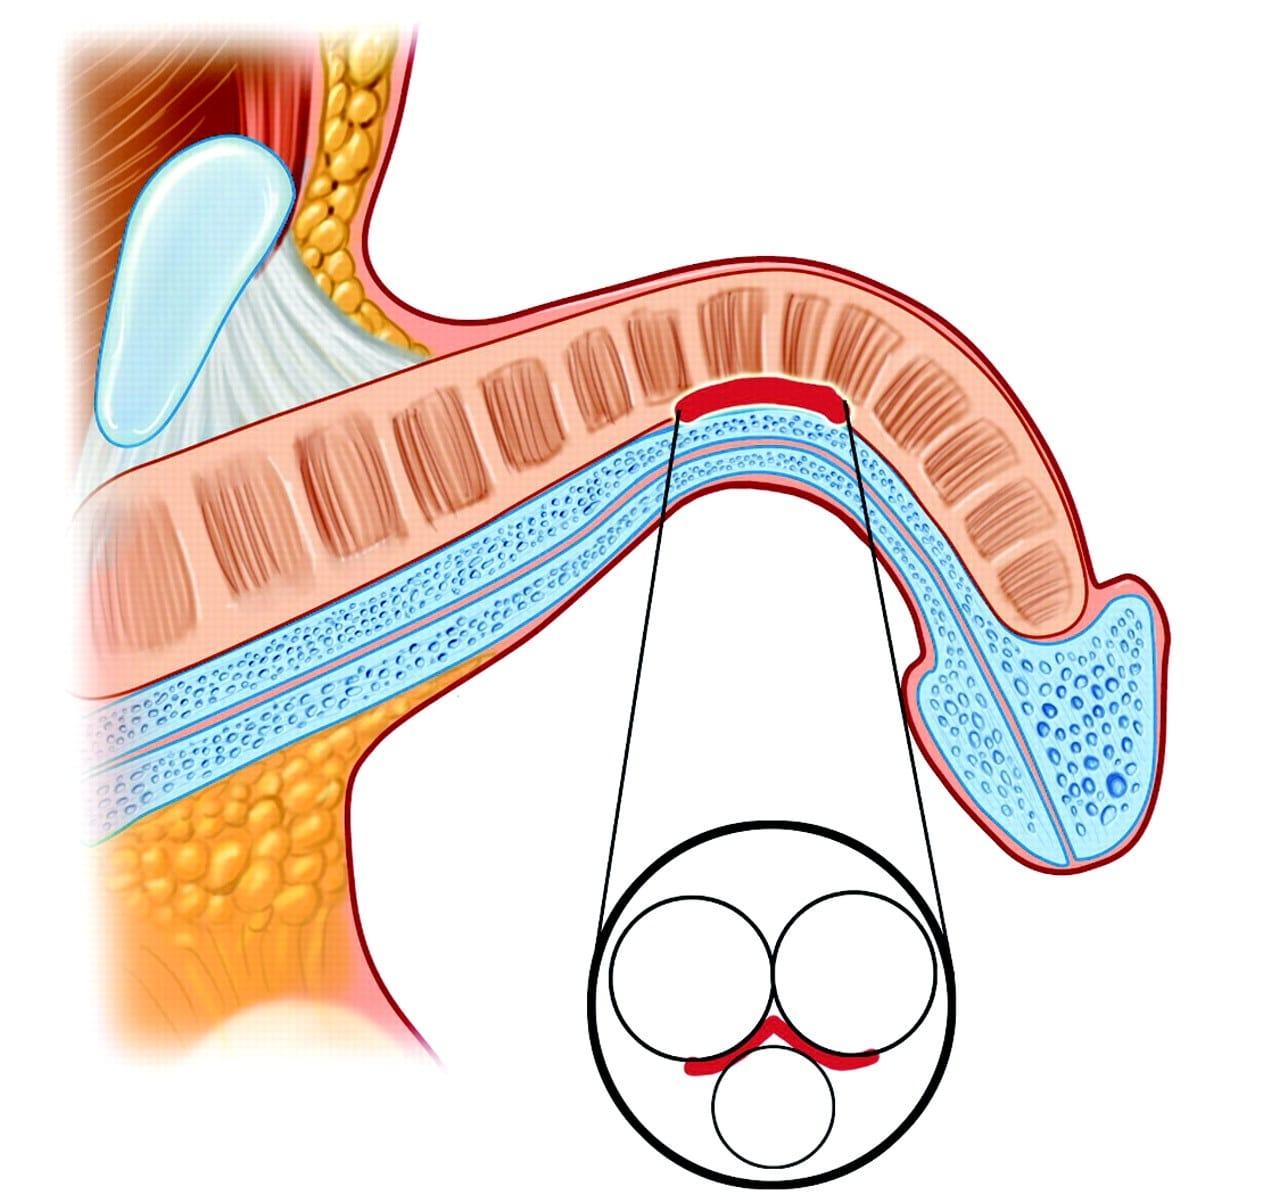 Симптомы болезни Пейрони